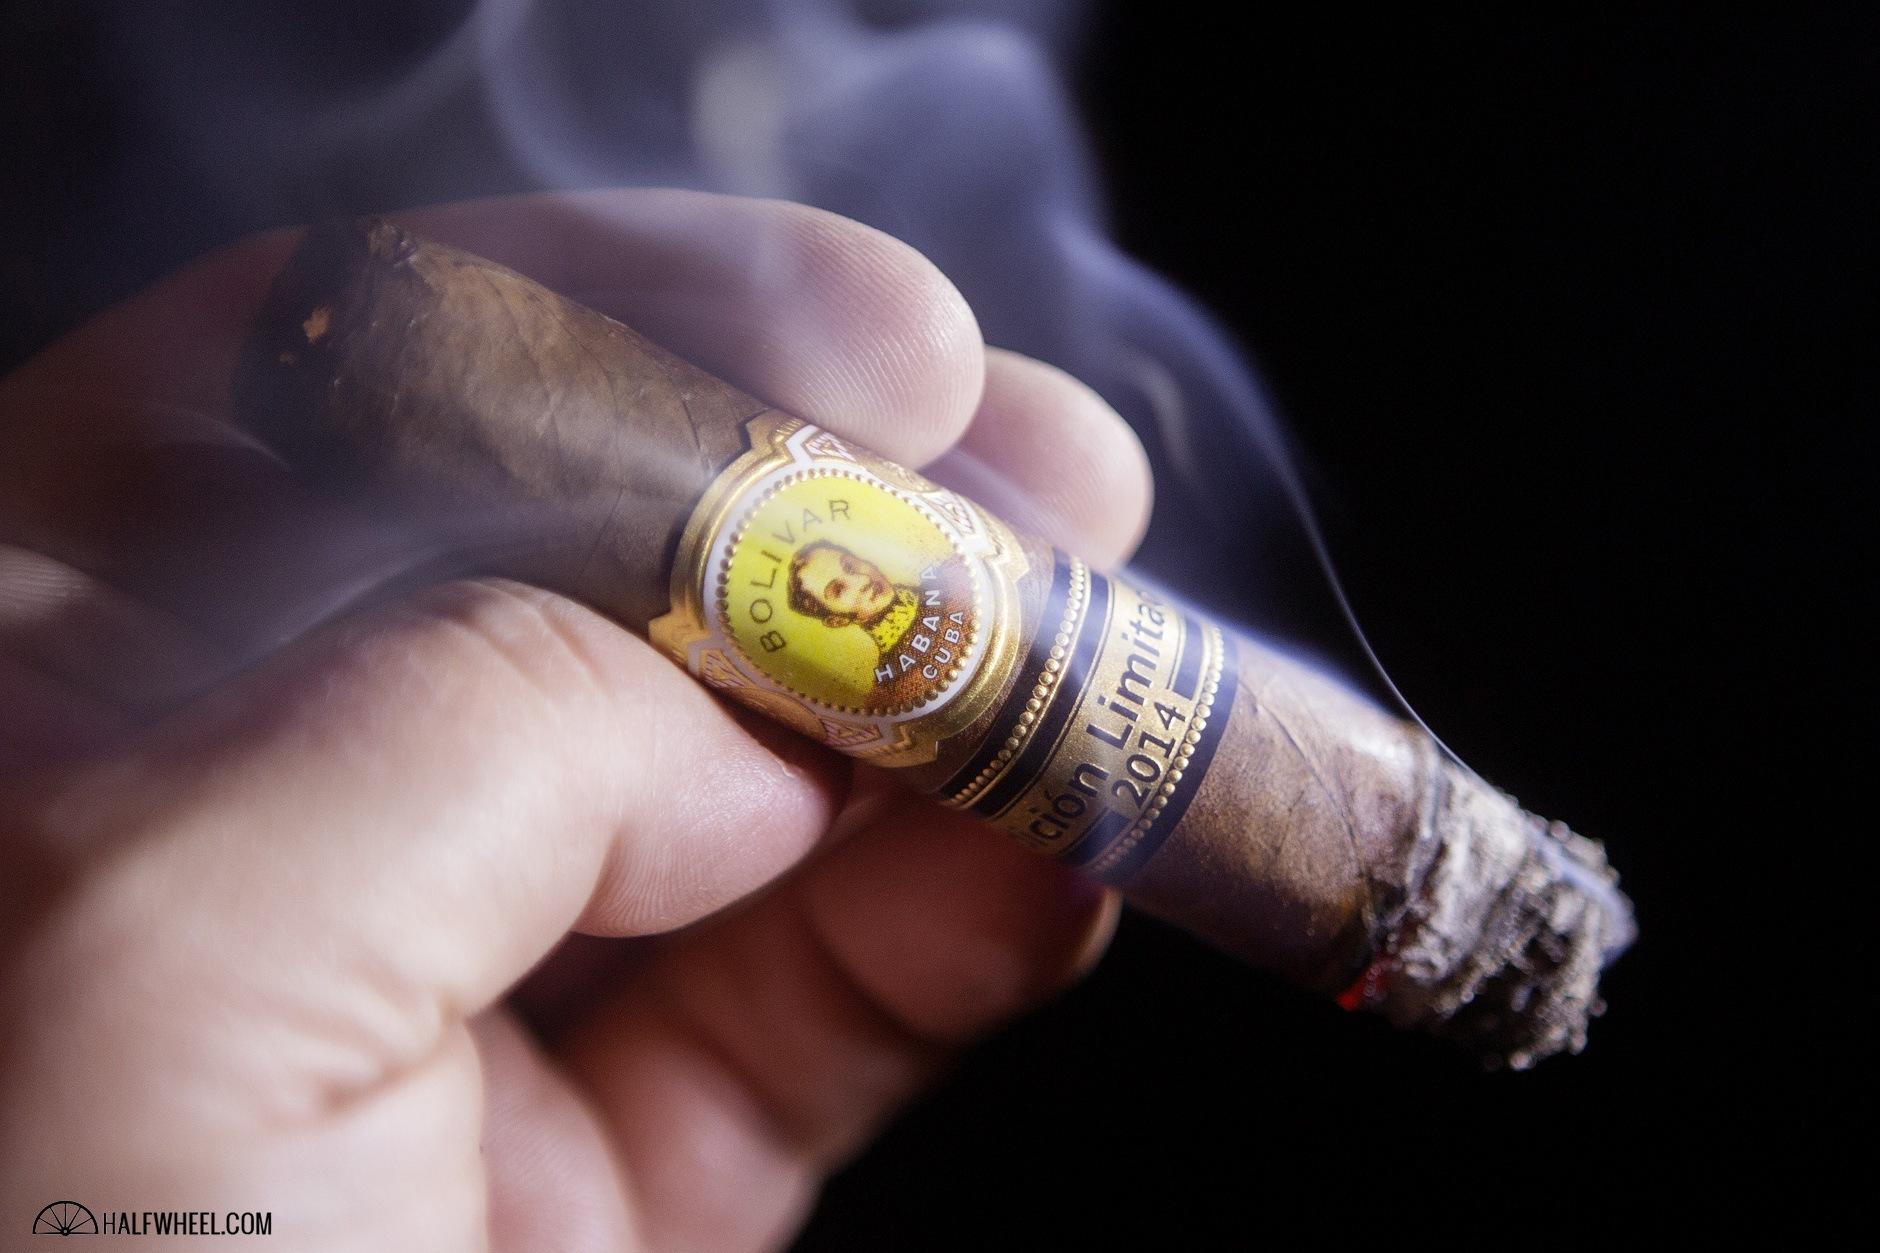 Bolivar Super Coronas Edicion Limitada 2014 3